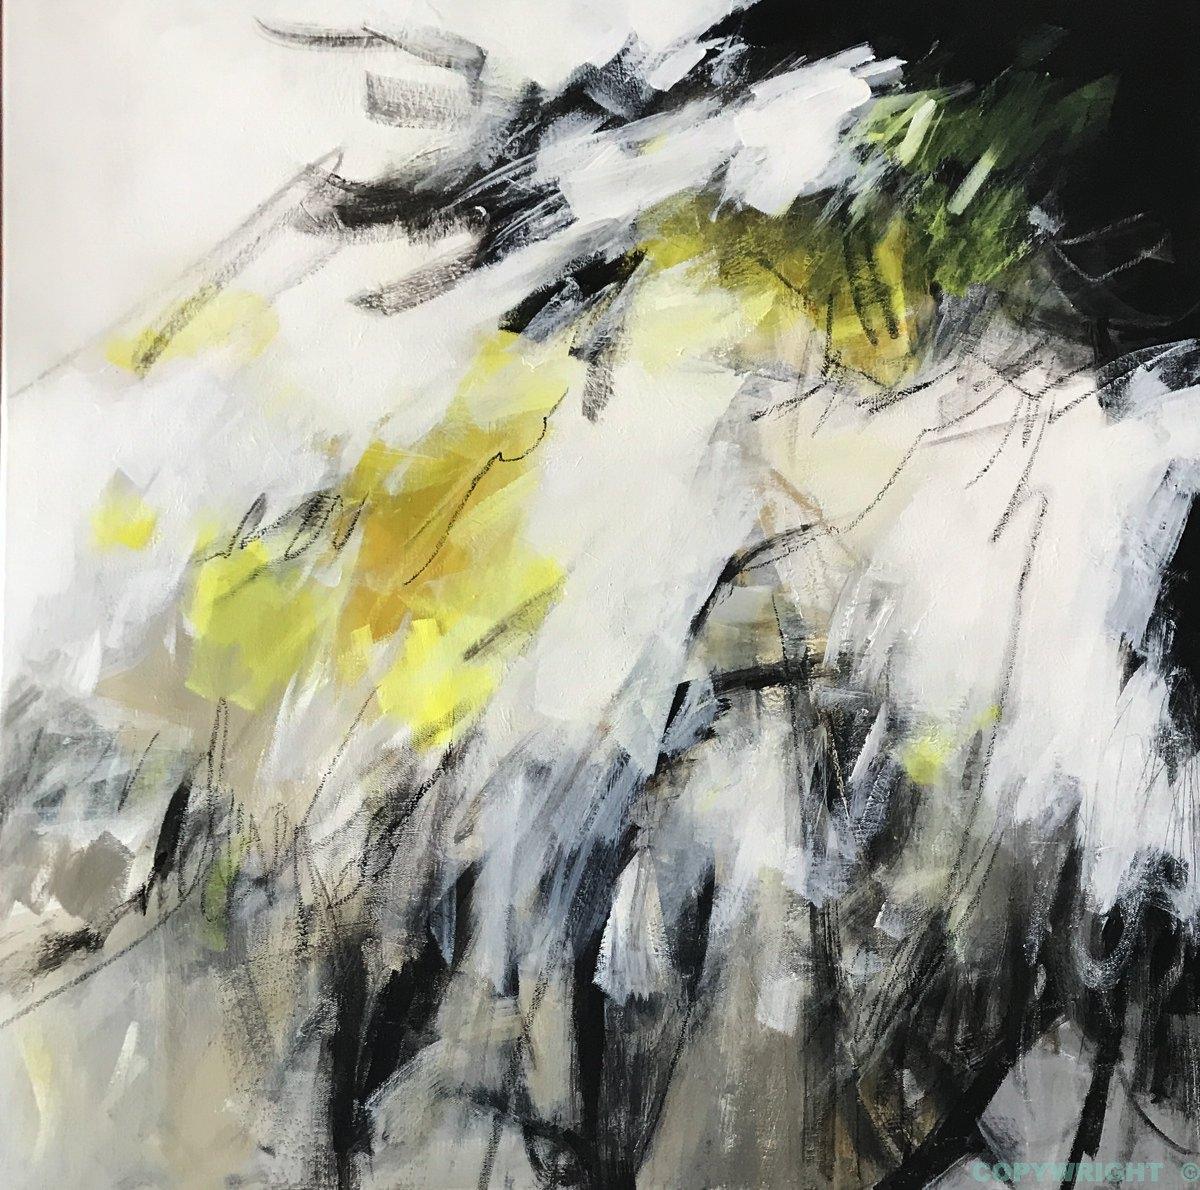 art-peinture- abstraction-tableau-éclats de blanc et de jaune contre le gris-Nathalie Noël